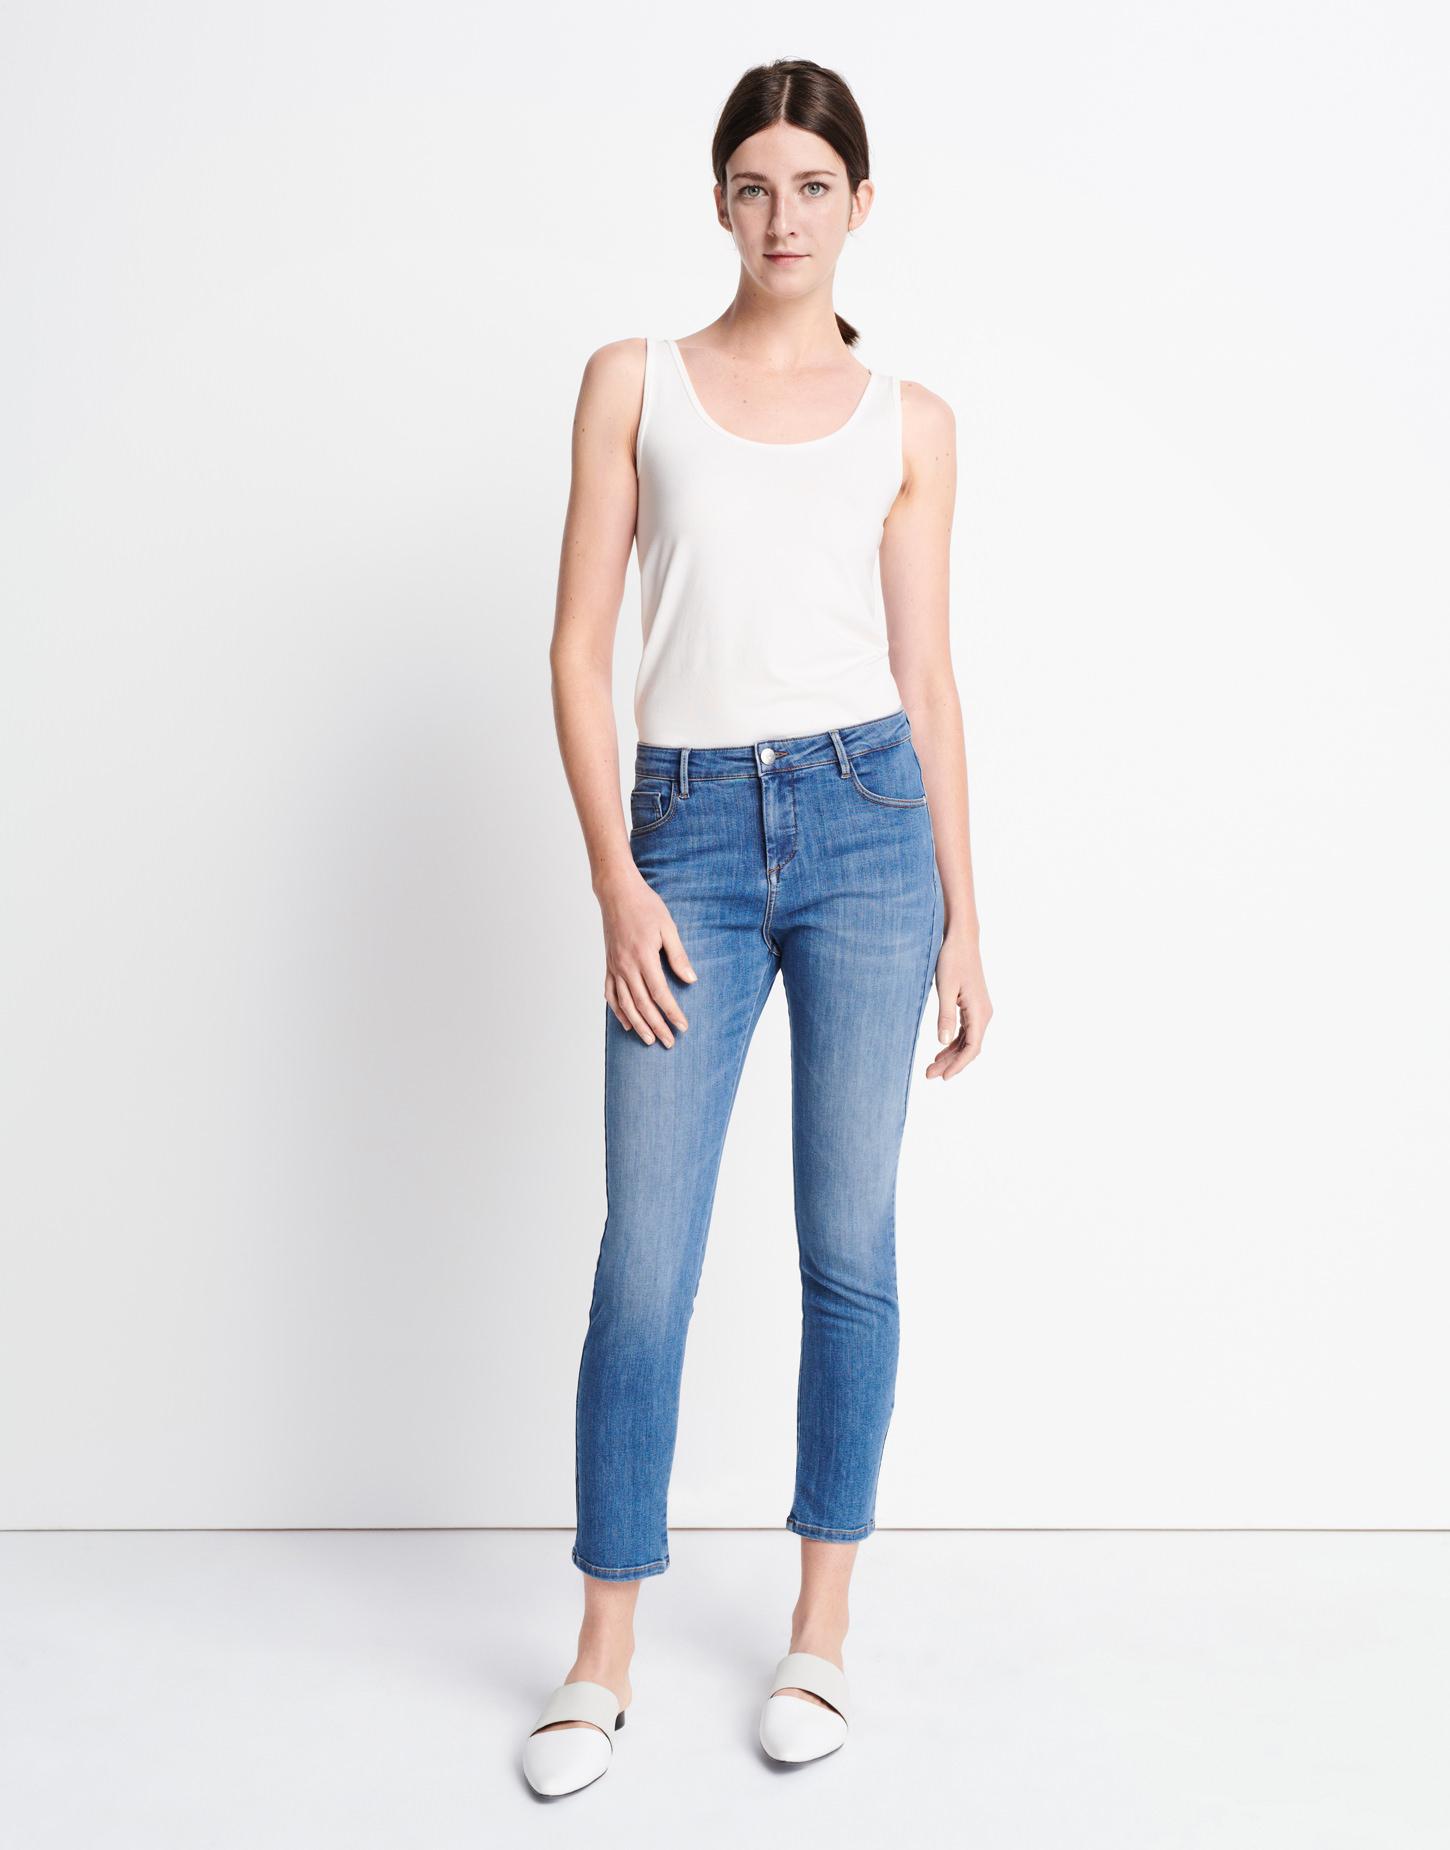 Günstig Kaufen In Deutschland Skinny Jeans Cadou authentic someday Geniue Händler Zum Verkauf Lieferung Frei Haus Mit Paypal Verkauf Beste Geschäft Zu Erhalten Genießen Günstigen Preis Nf8DbZT